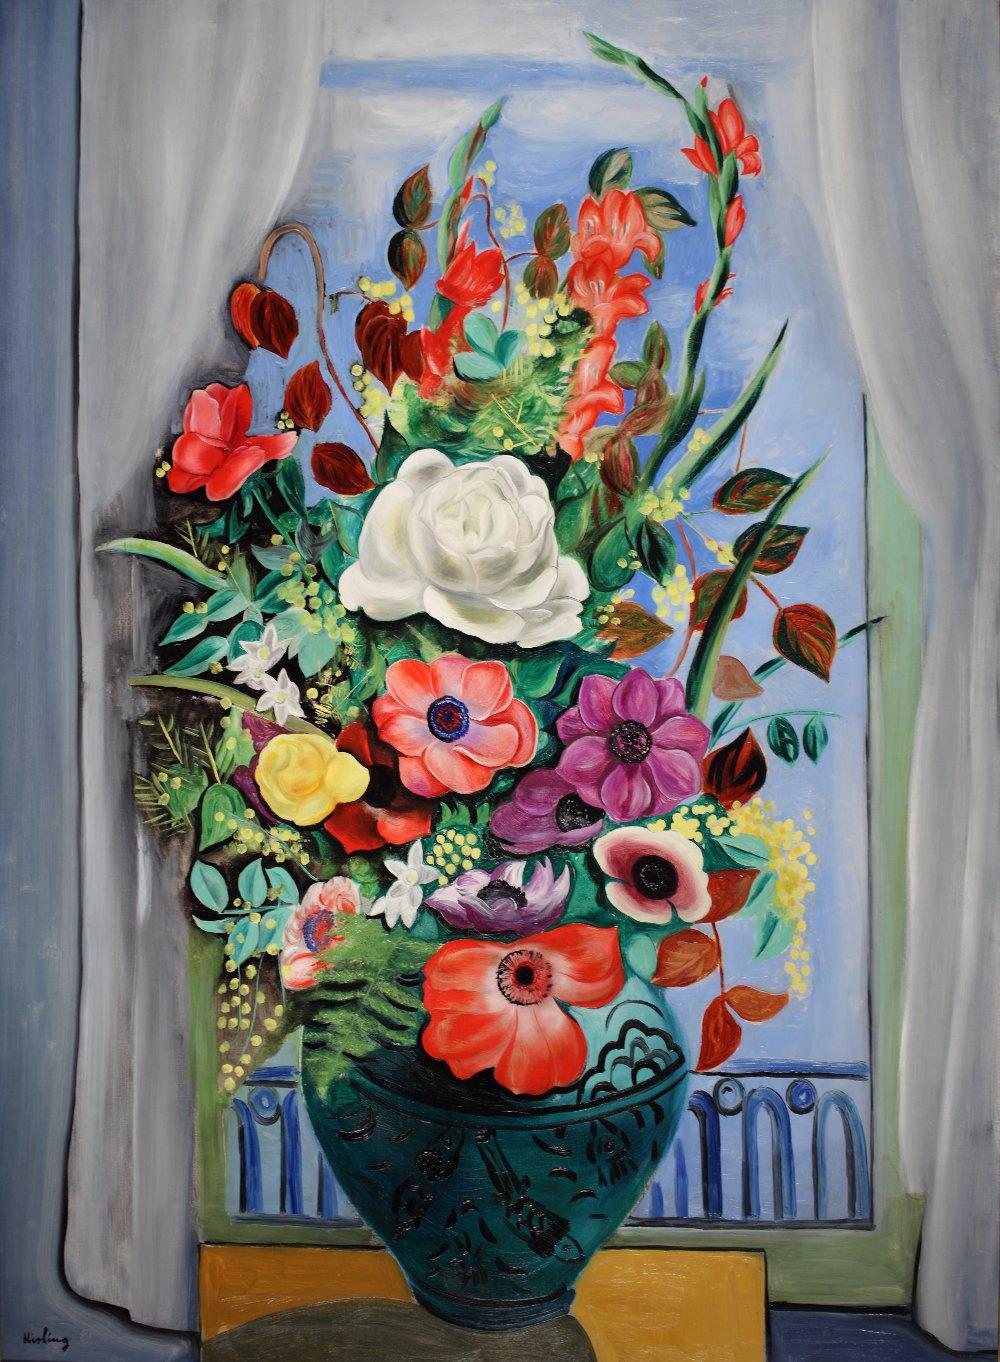 Moise kisling french polish 1891 1953 grand bouquet for Devant la fenetre